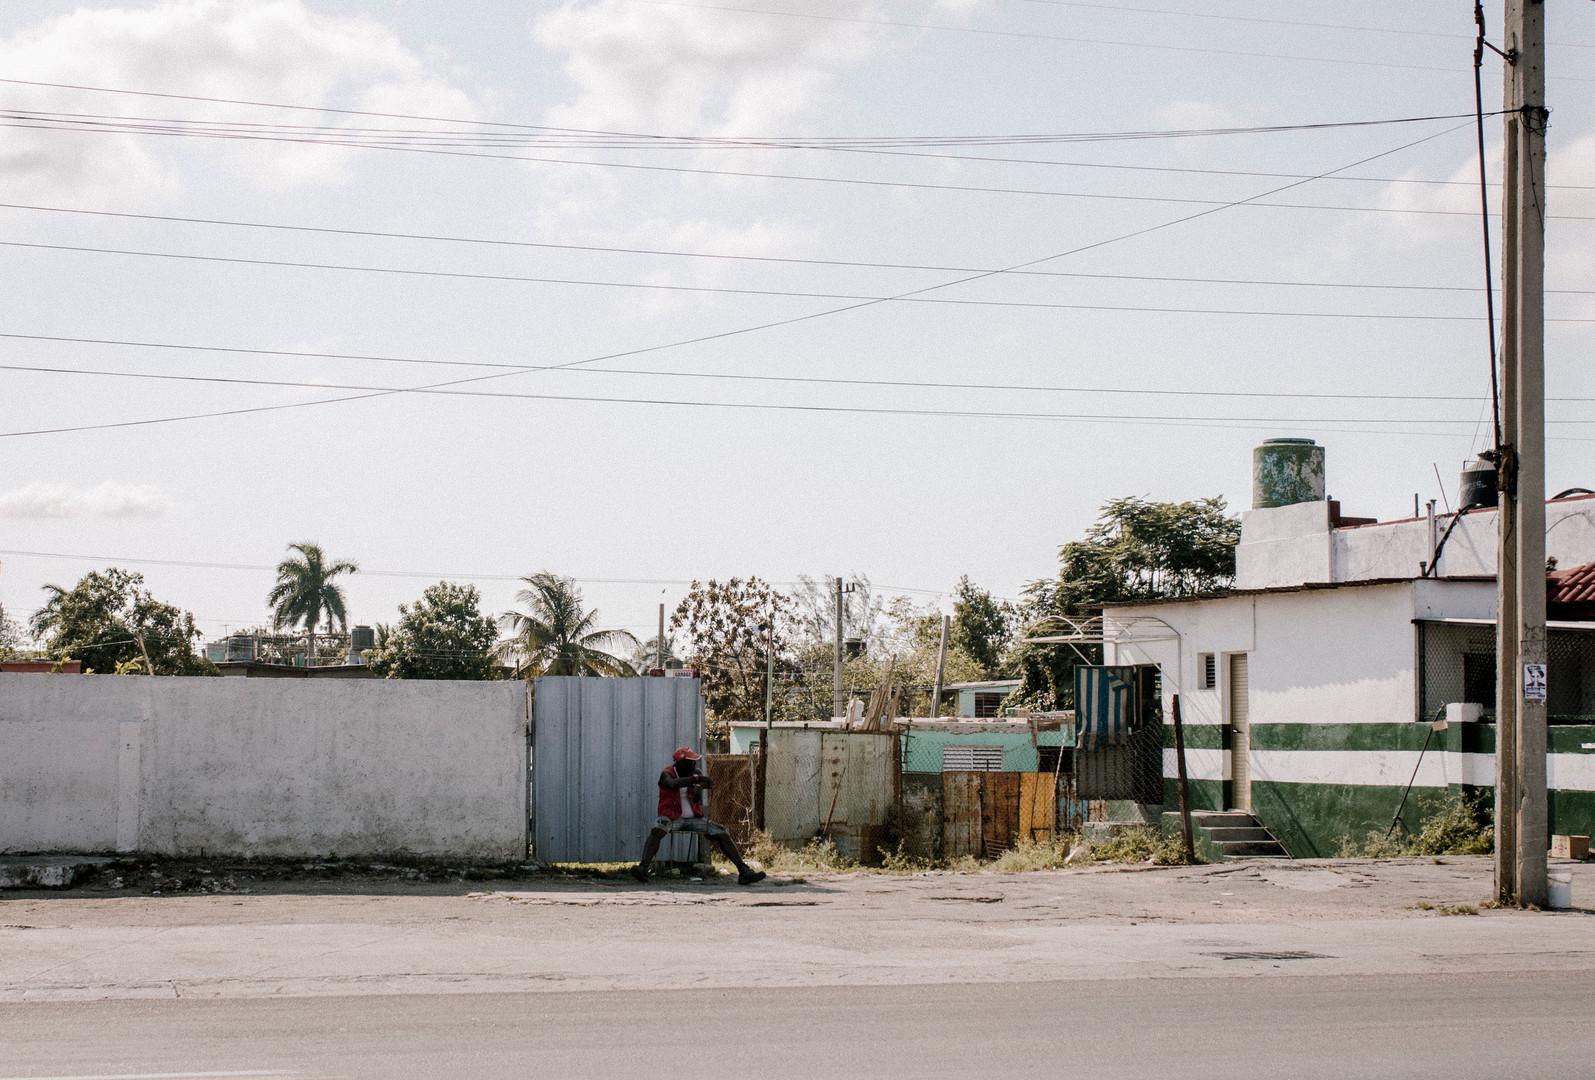 Cuba-2.jpg